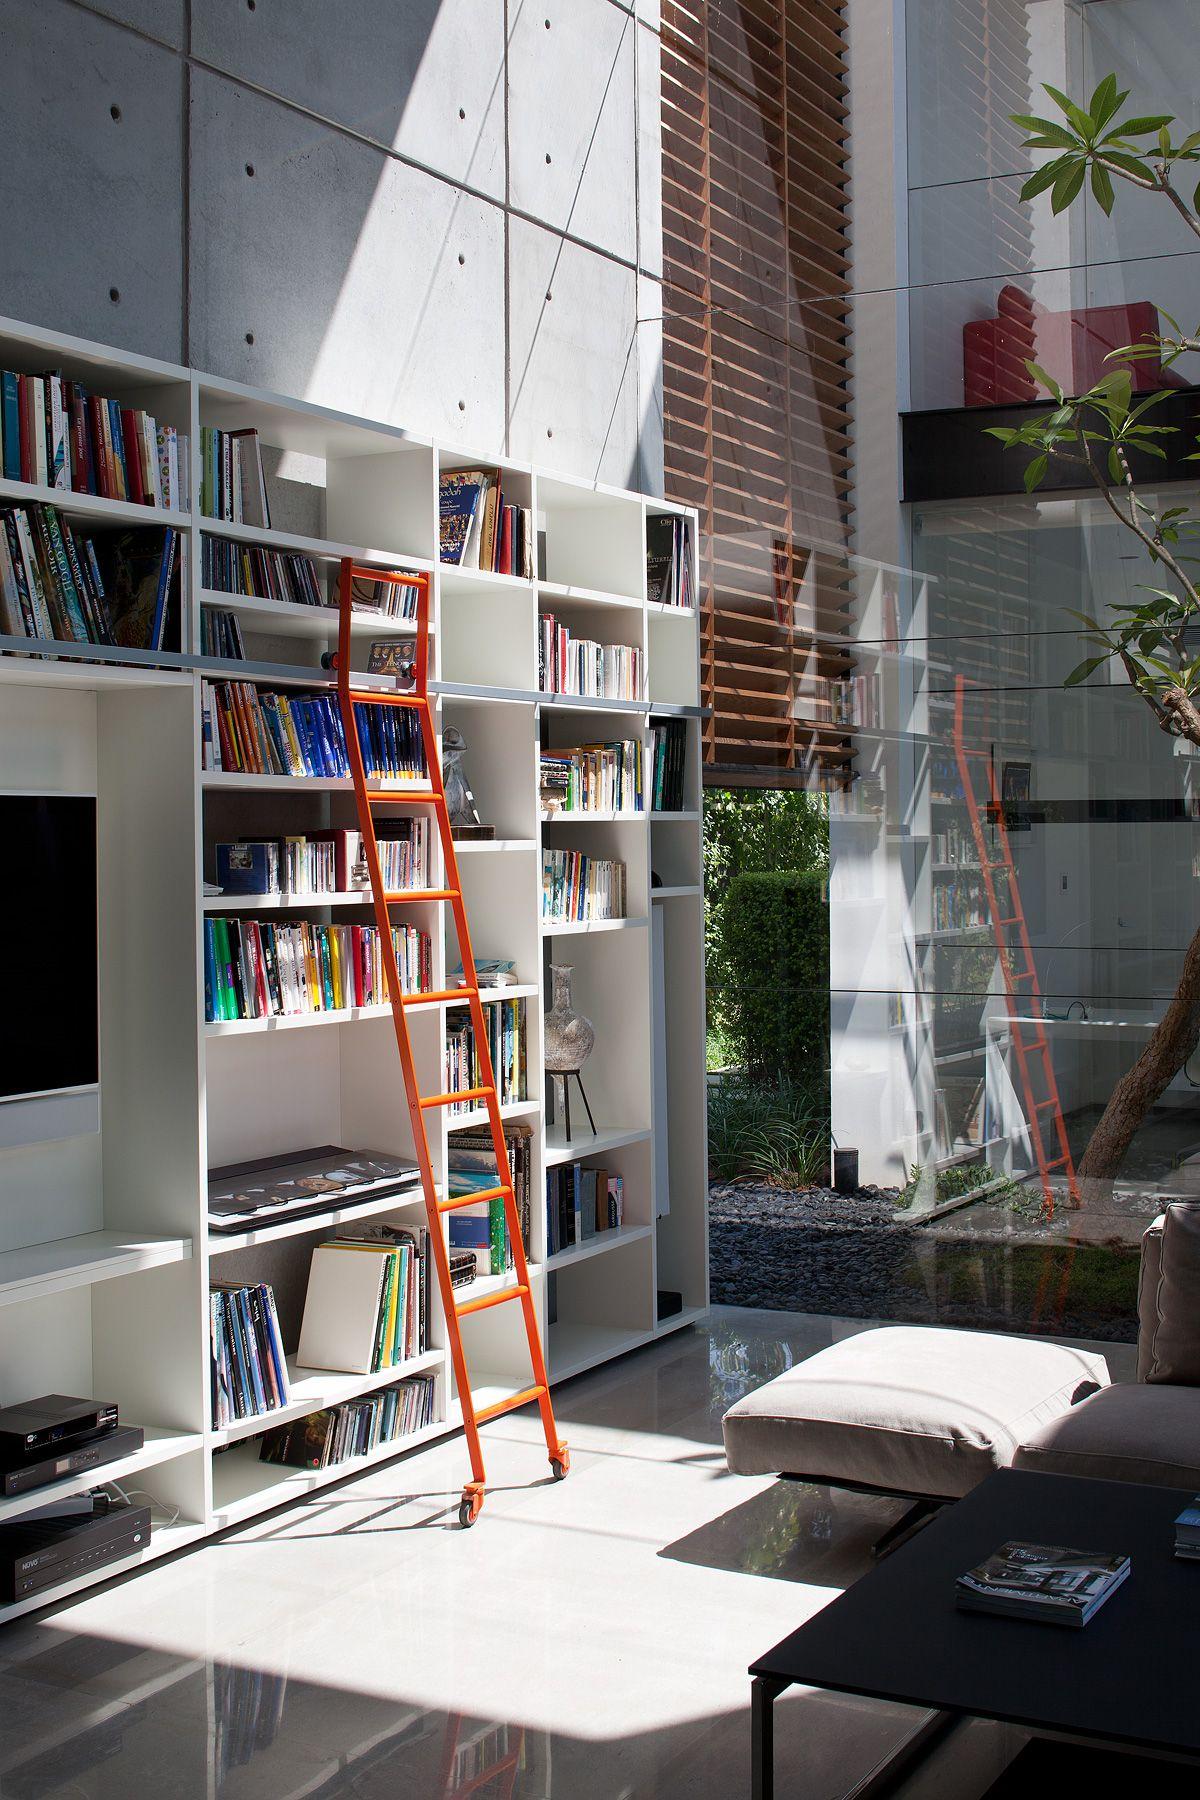 Zeitgenössische Bauhaus-Architektur in Haifa | Great Interior and ...